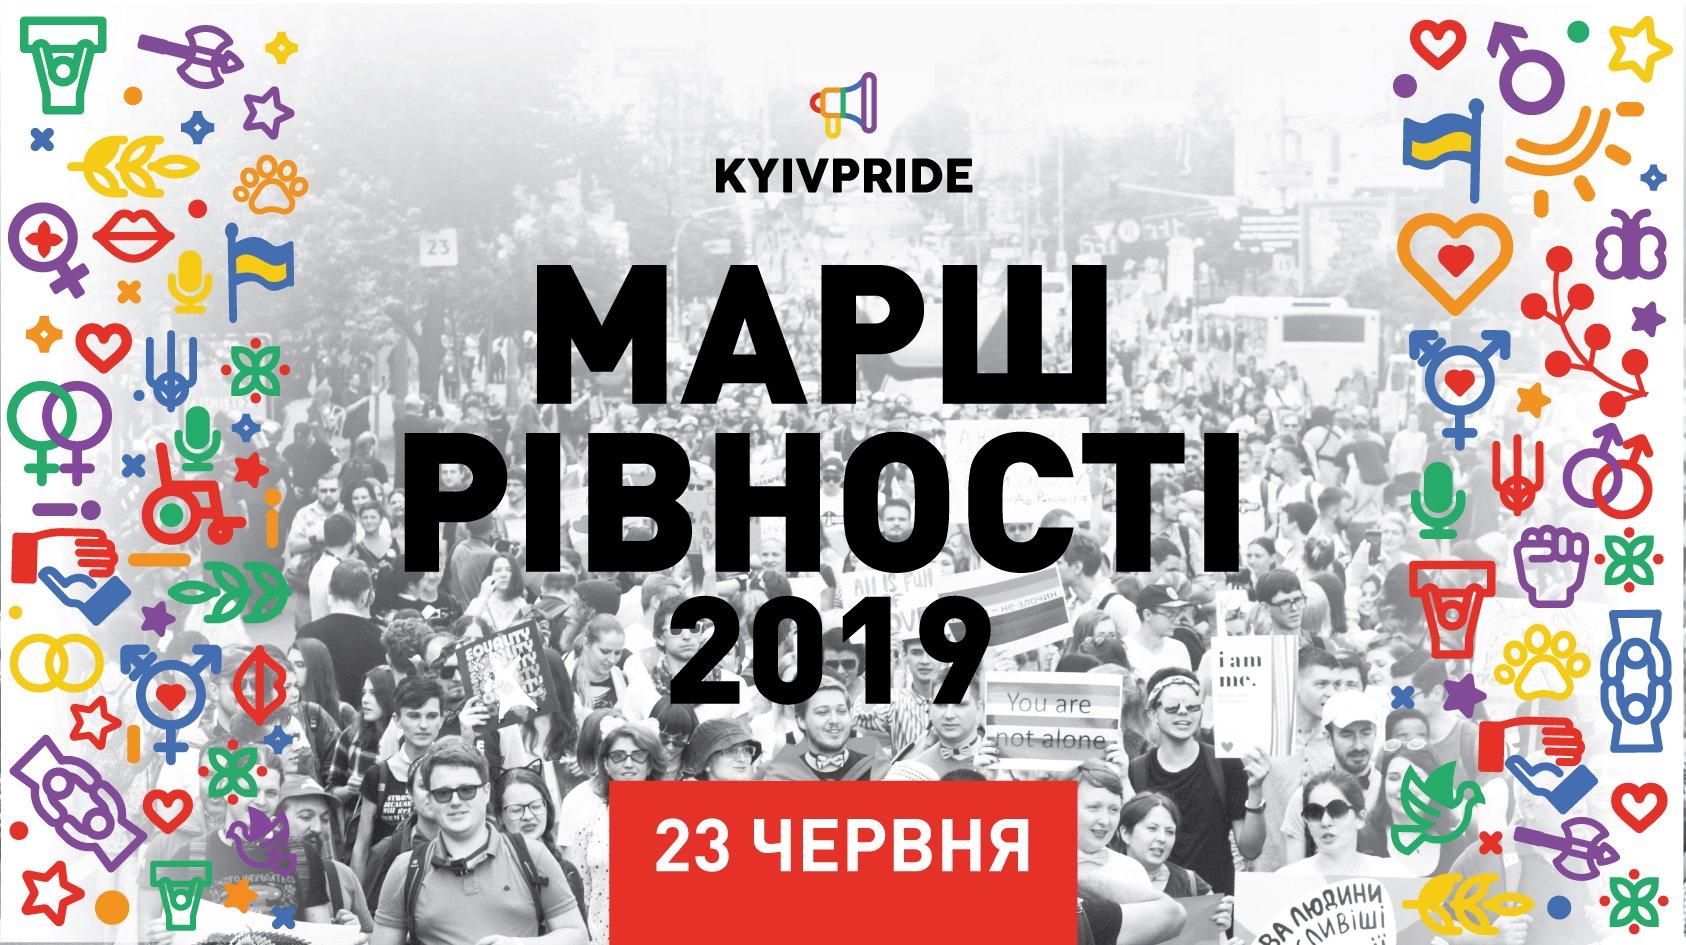 марш равенства 2019